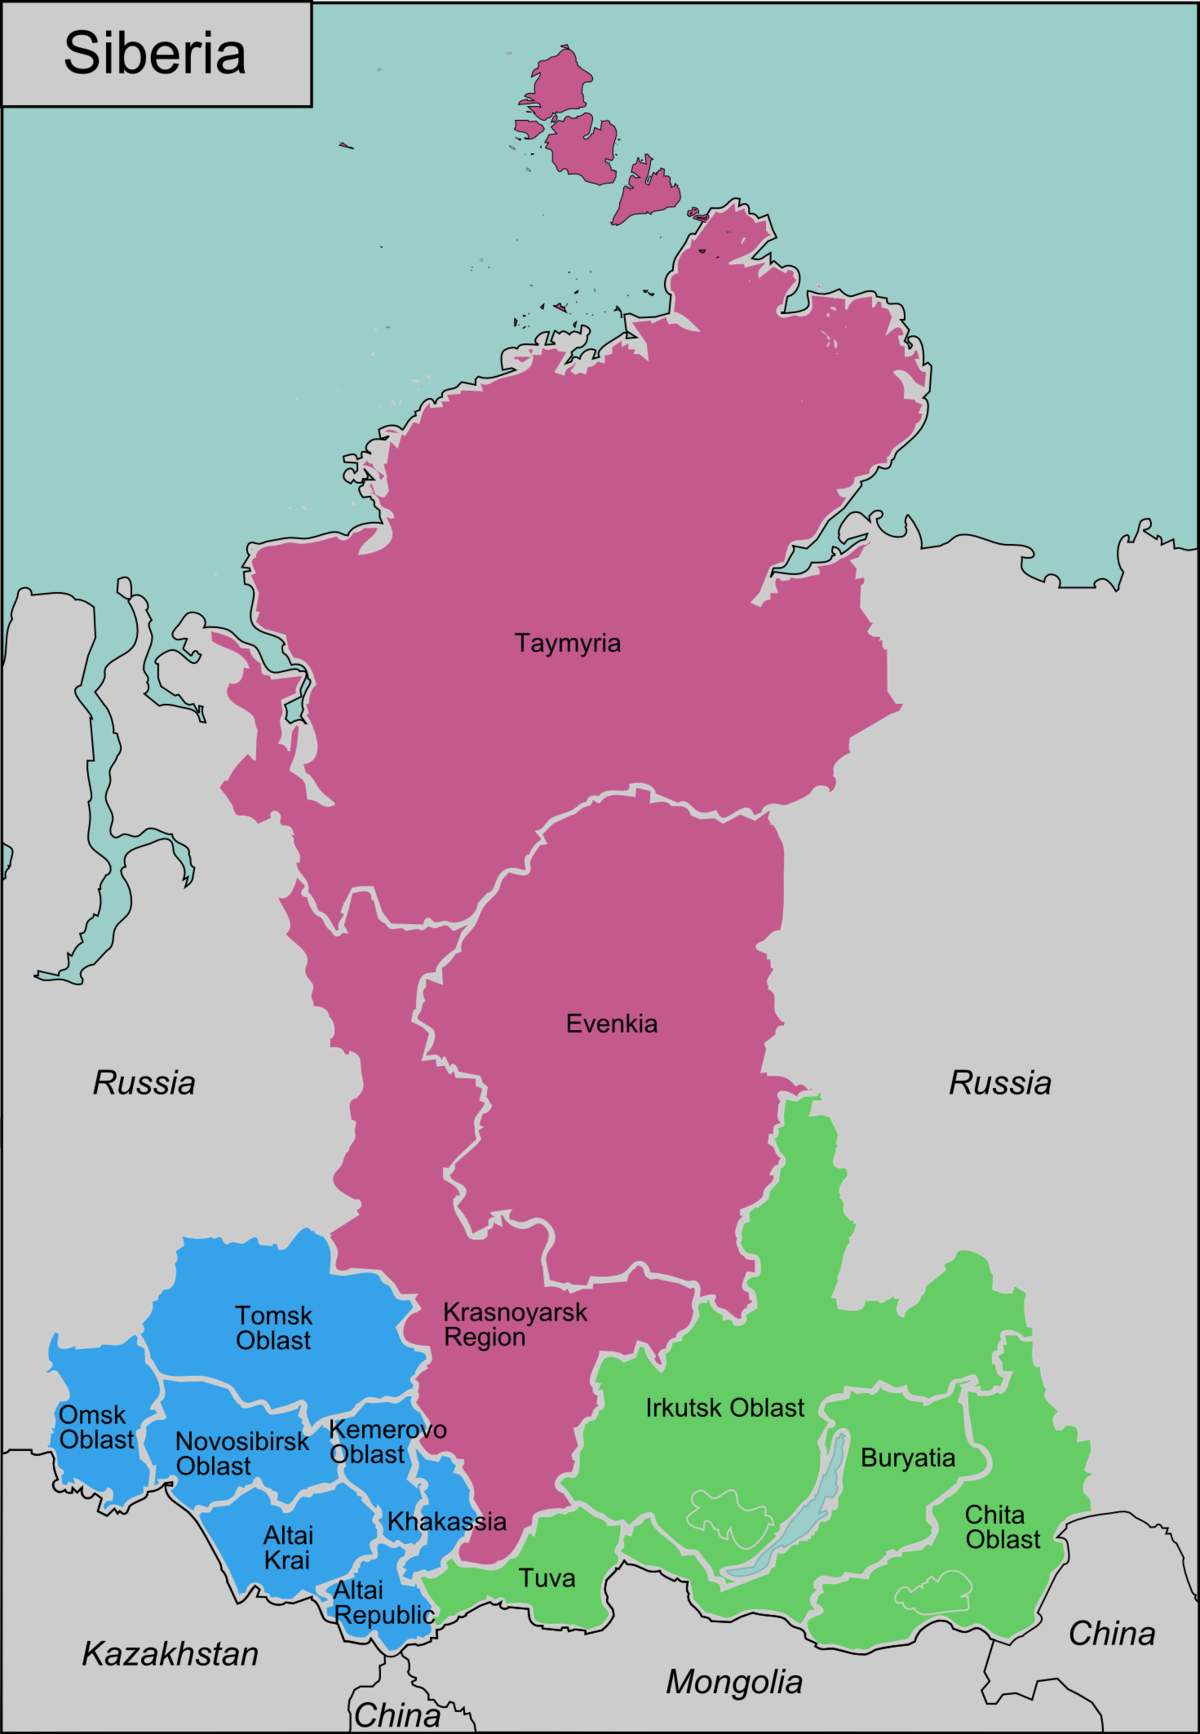 Cartina Russia Siberia.Siberia Wikivoyage Guida Turistica Di Viaggio